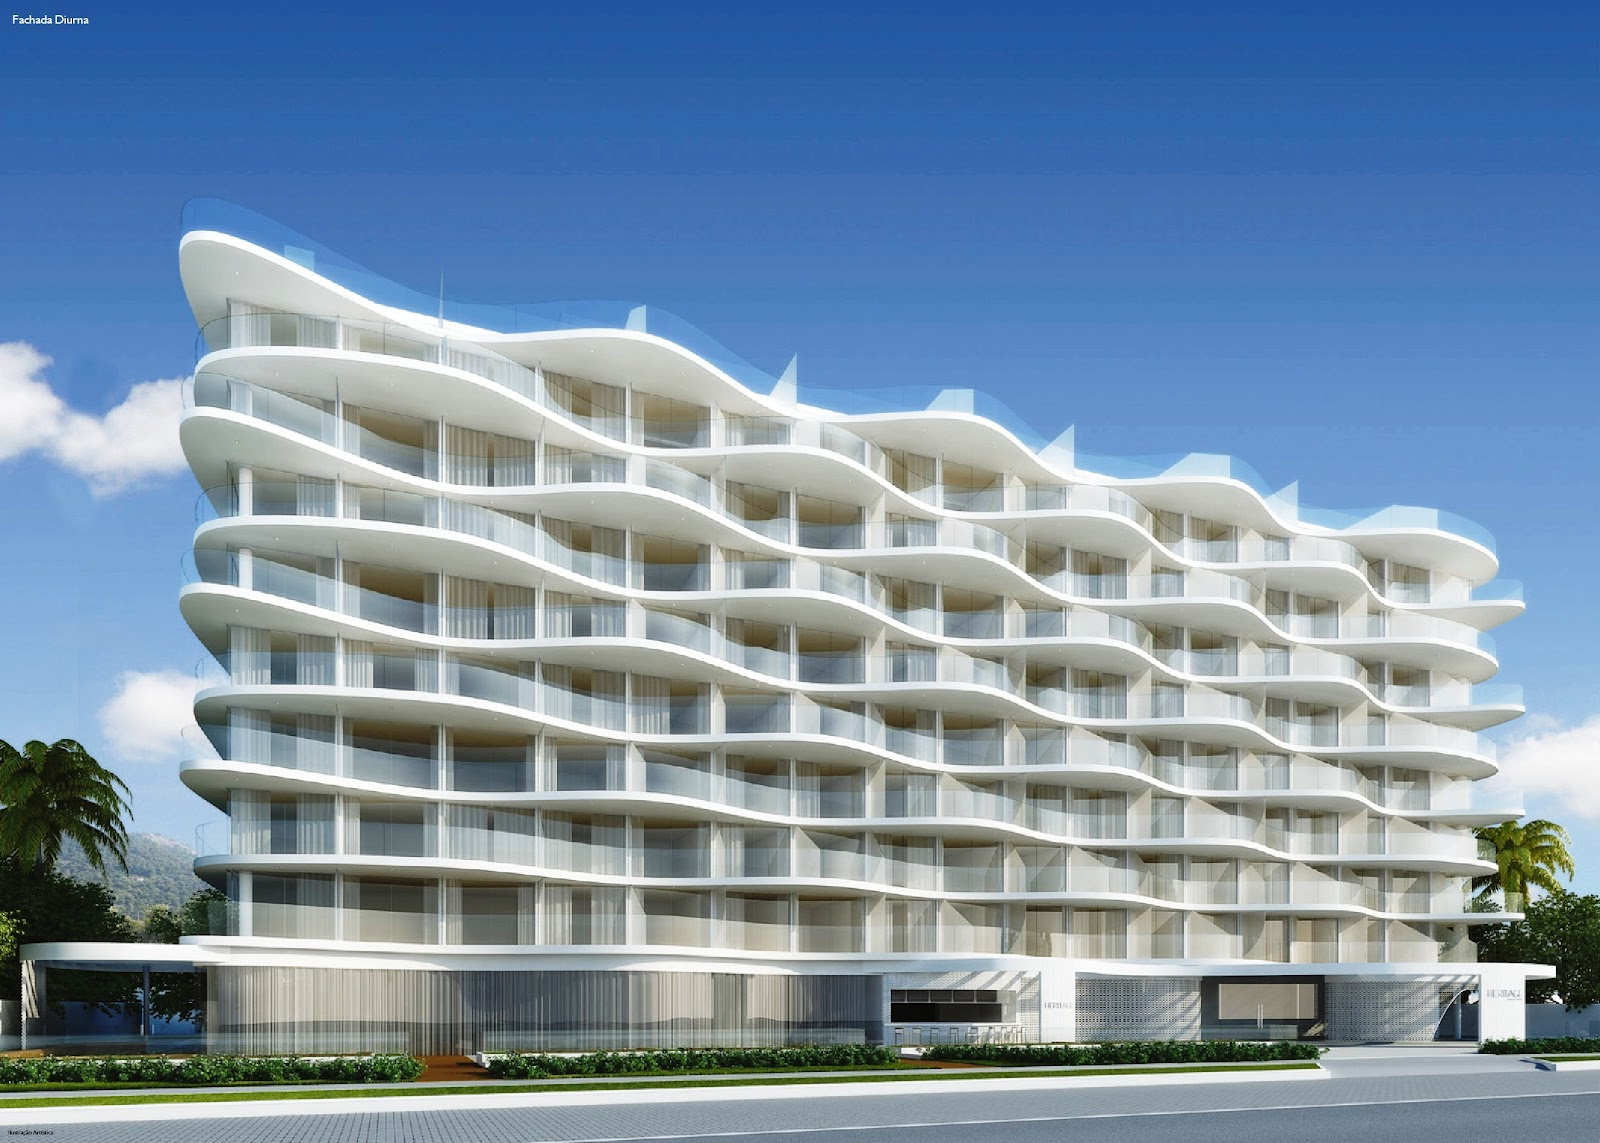 Rj rio de janeiro recreio dos bandeirantes heritage for Ruxxa design hotel 3